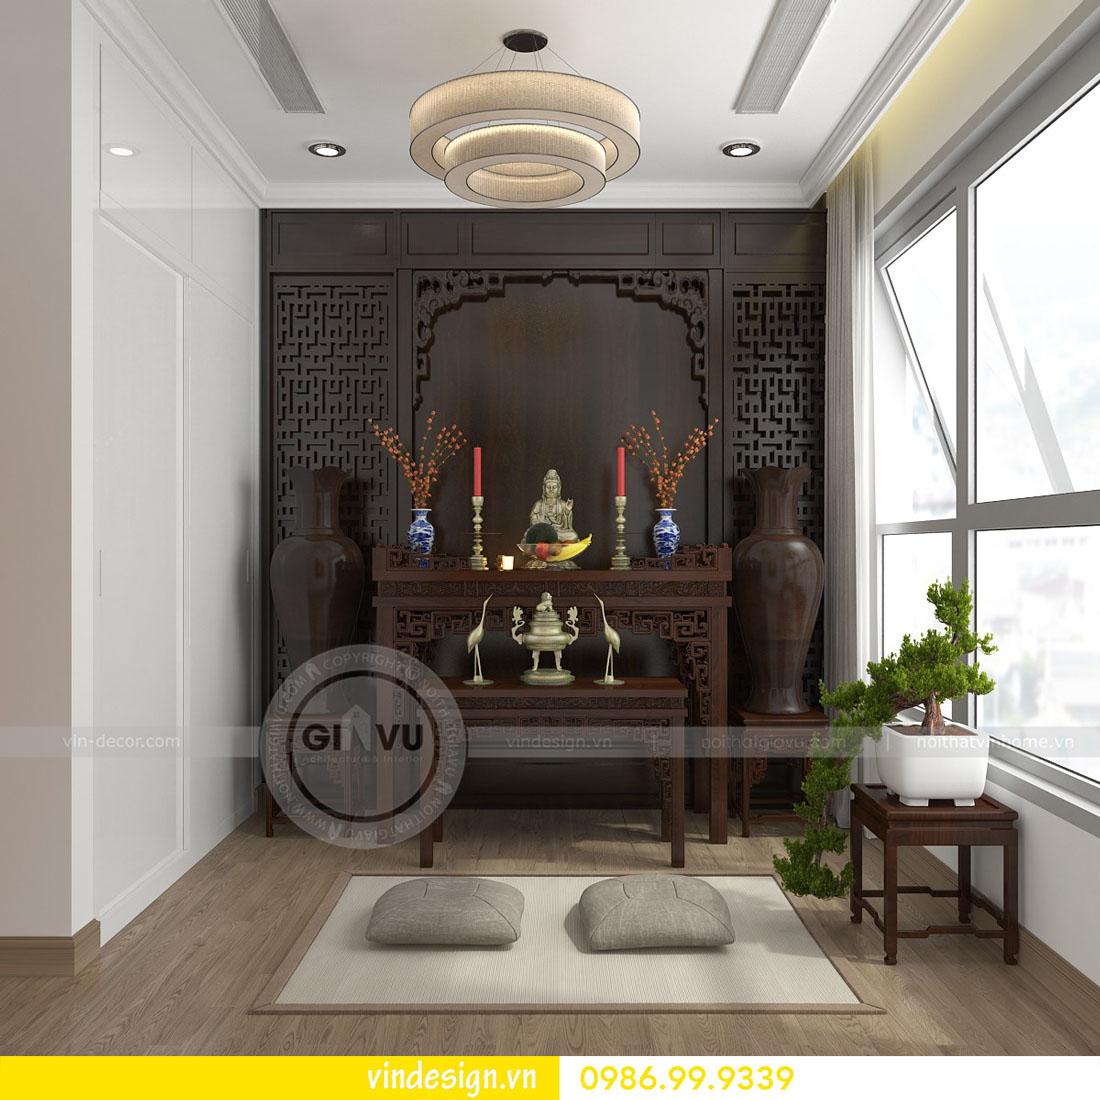 mẫu thiết kế nội thất metropolis căn 4 phòng ngủ 18